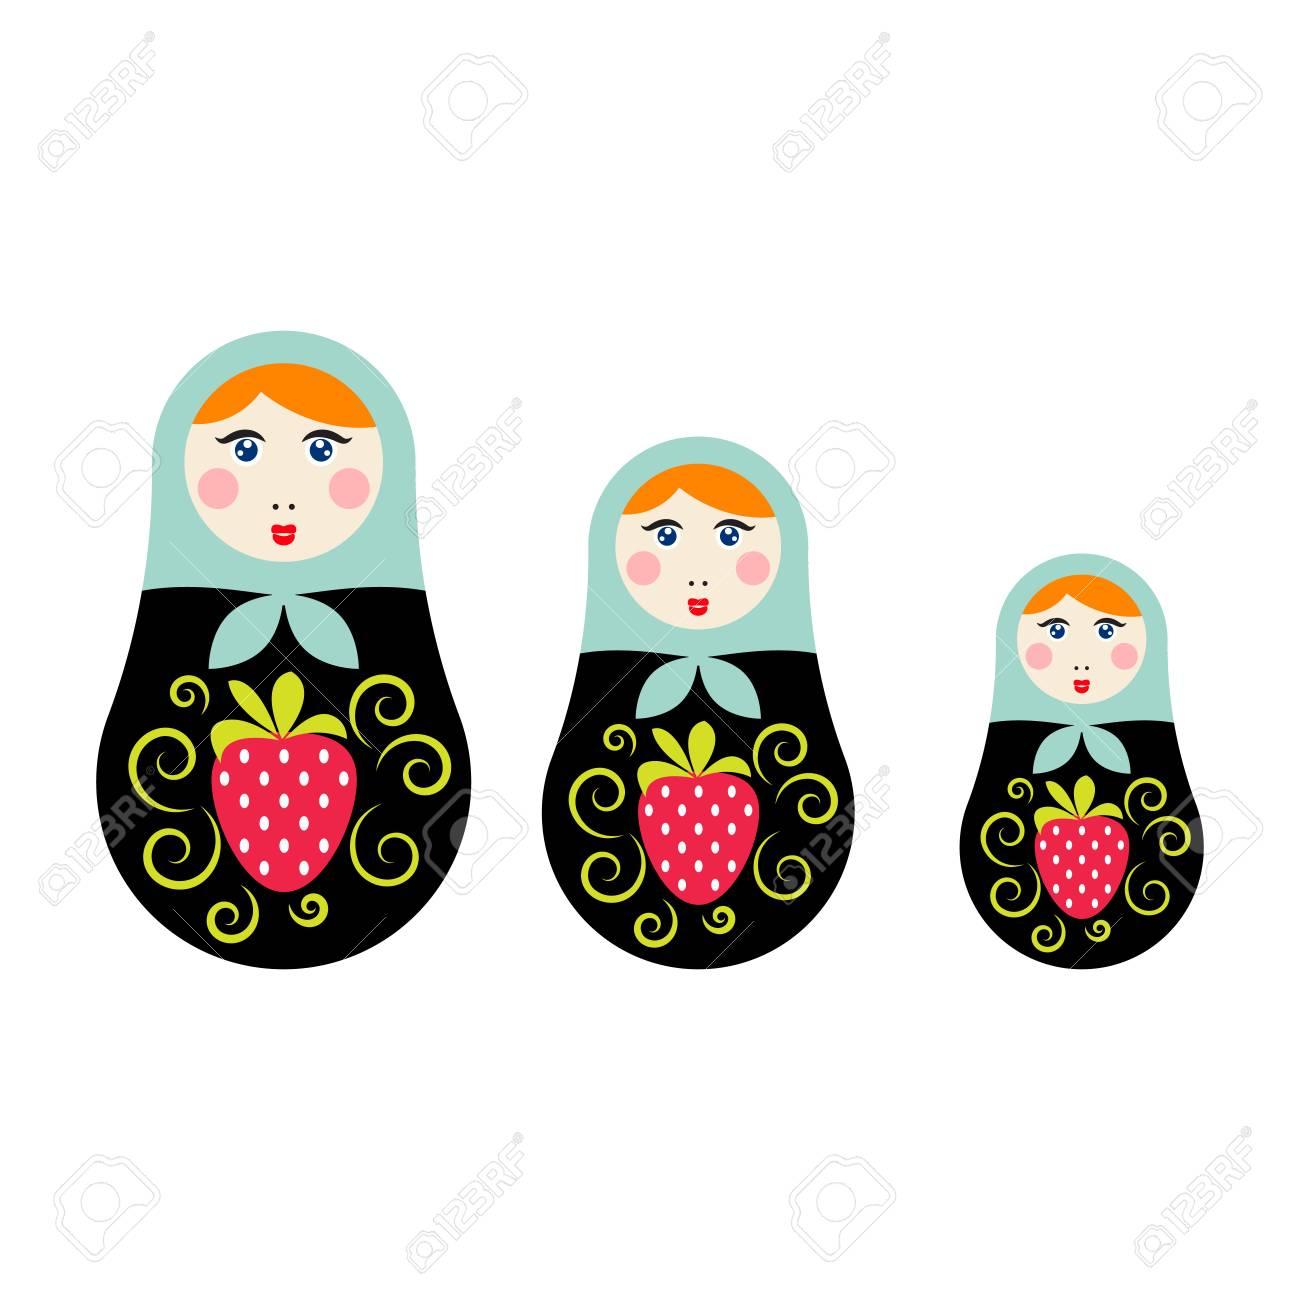 ロシアの入れ子人形のベクトル イラストマトリョーシカ グッズお土産